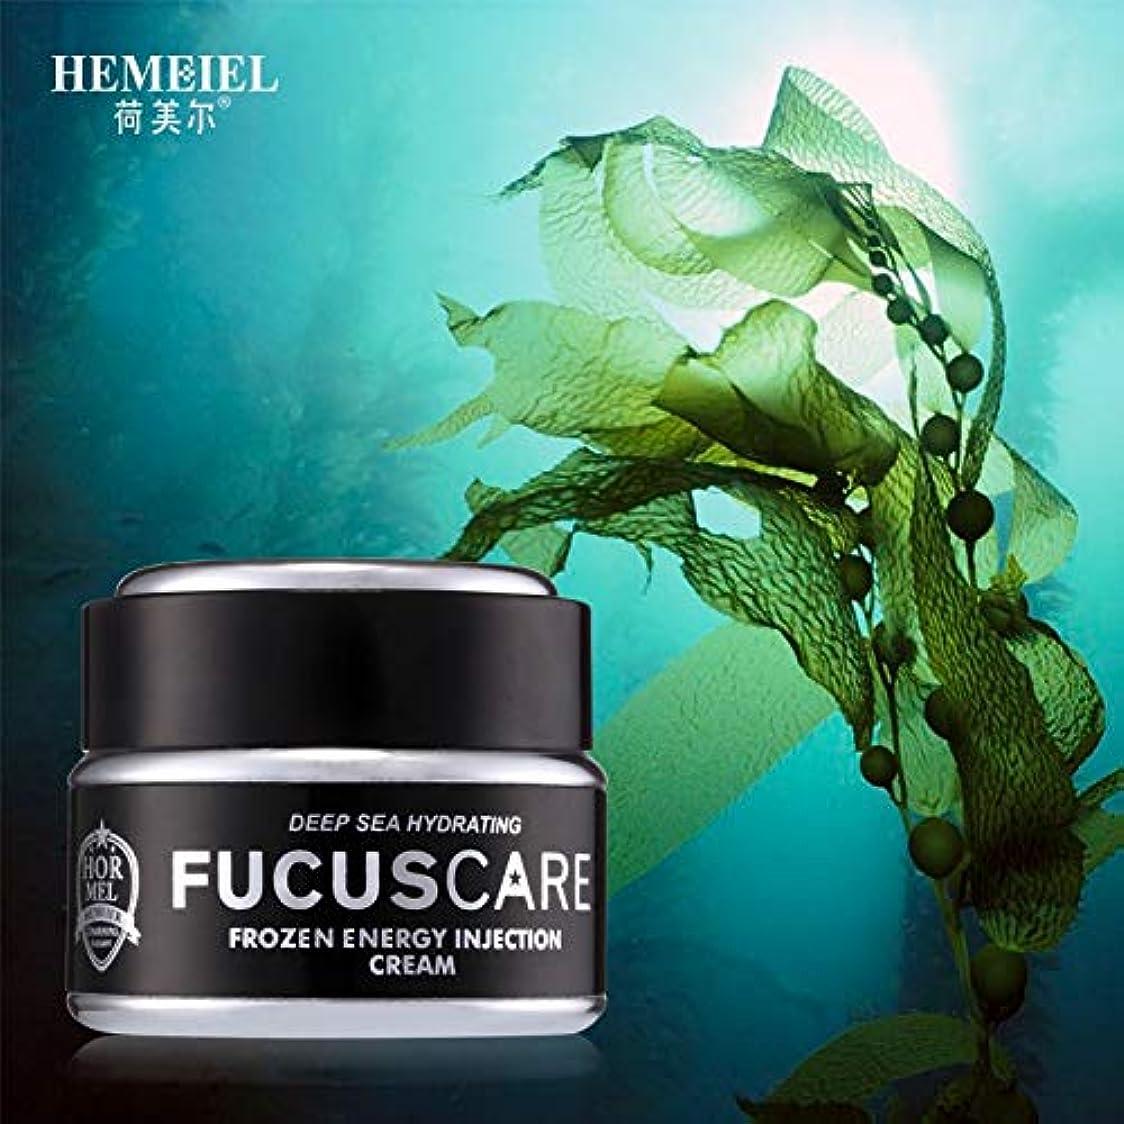 座る息切れ会うHEMEIELモイスチャライジングクリーム深海海藻エッセンススーパーハイドレイティングオイルコントロールフェイスクリームコーニンクリーム